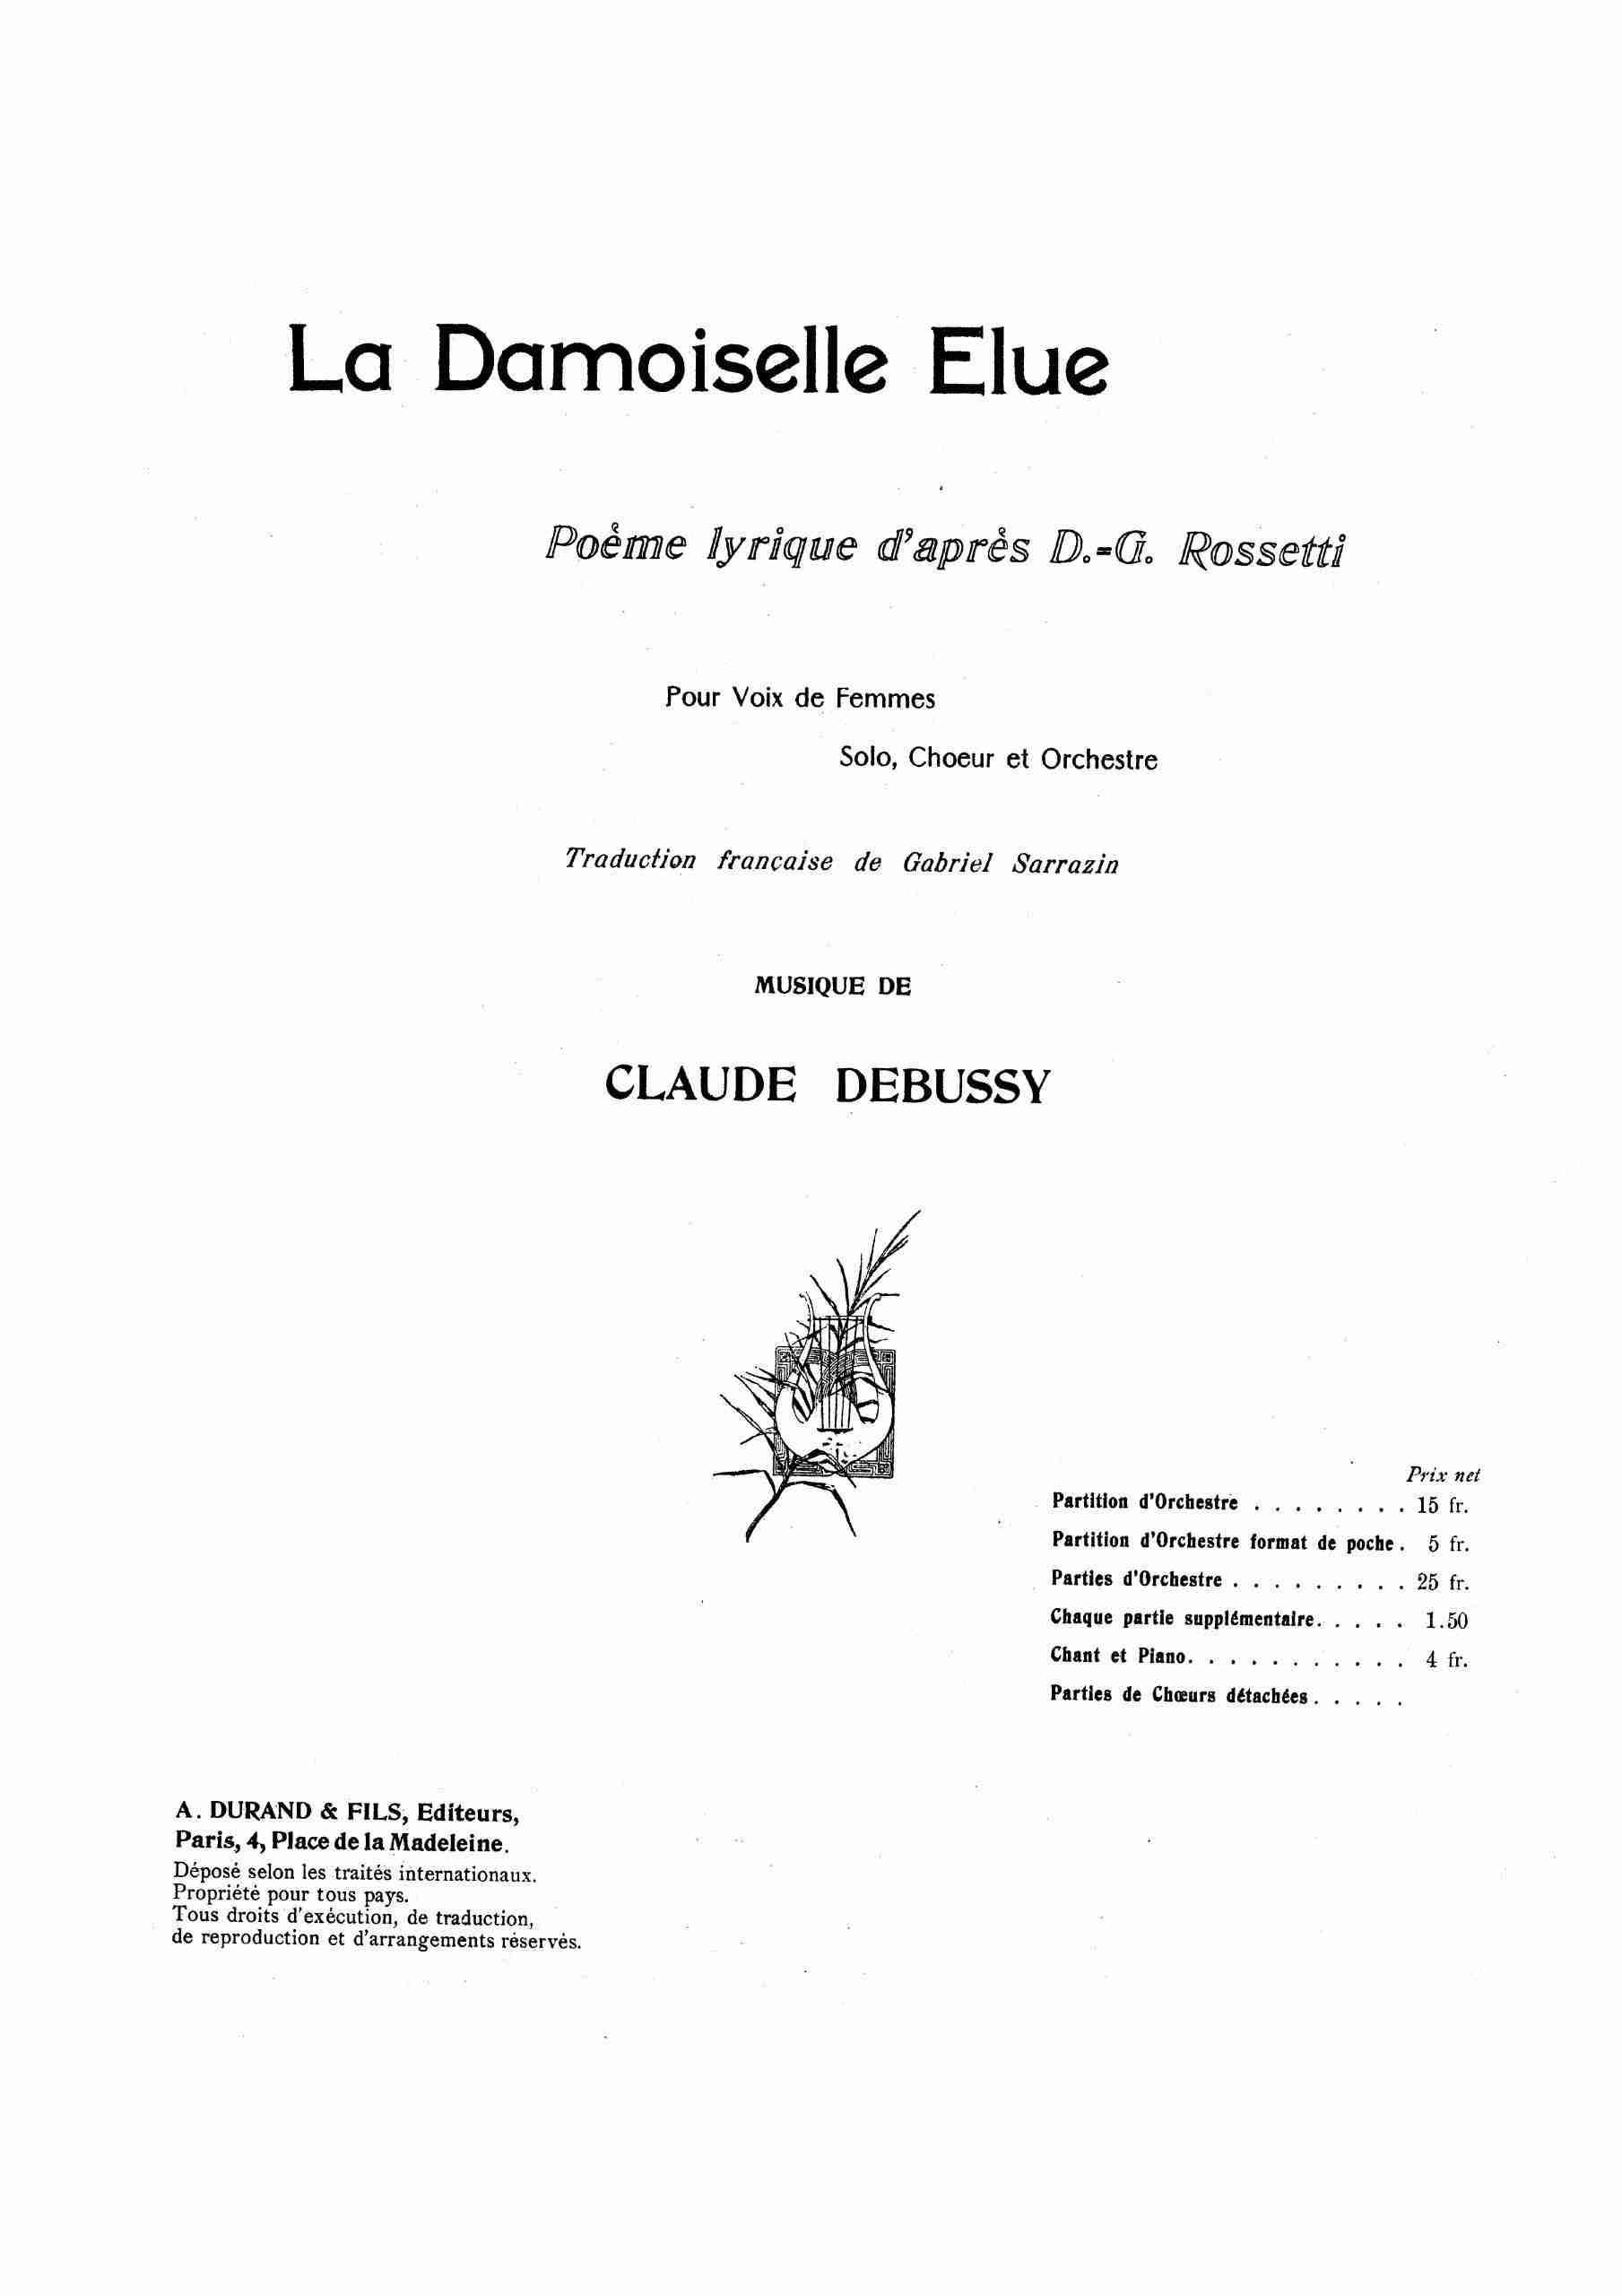 Debussy, Claude - La damoiselle élue (score)